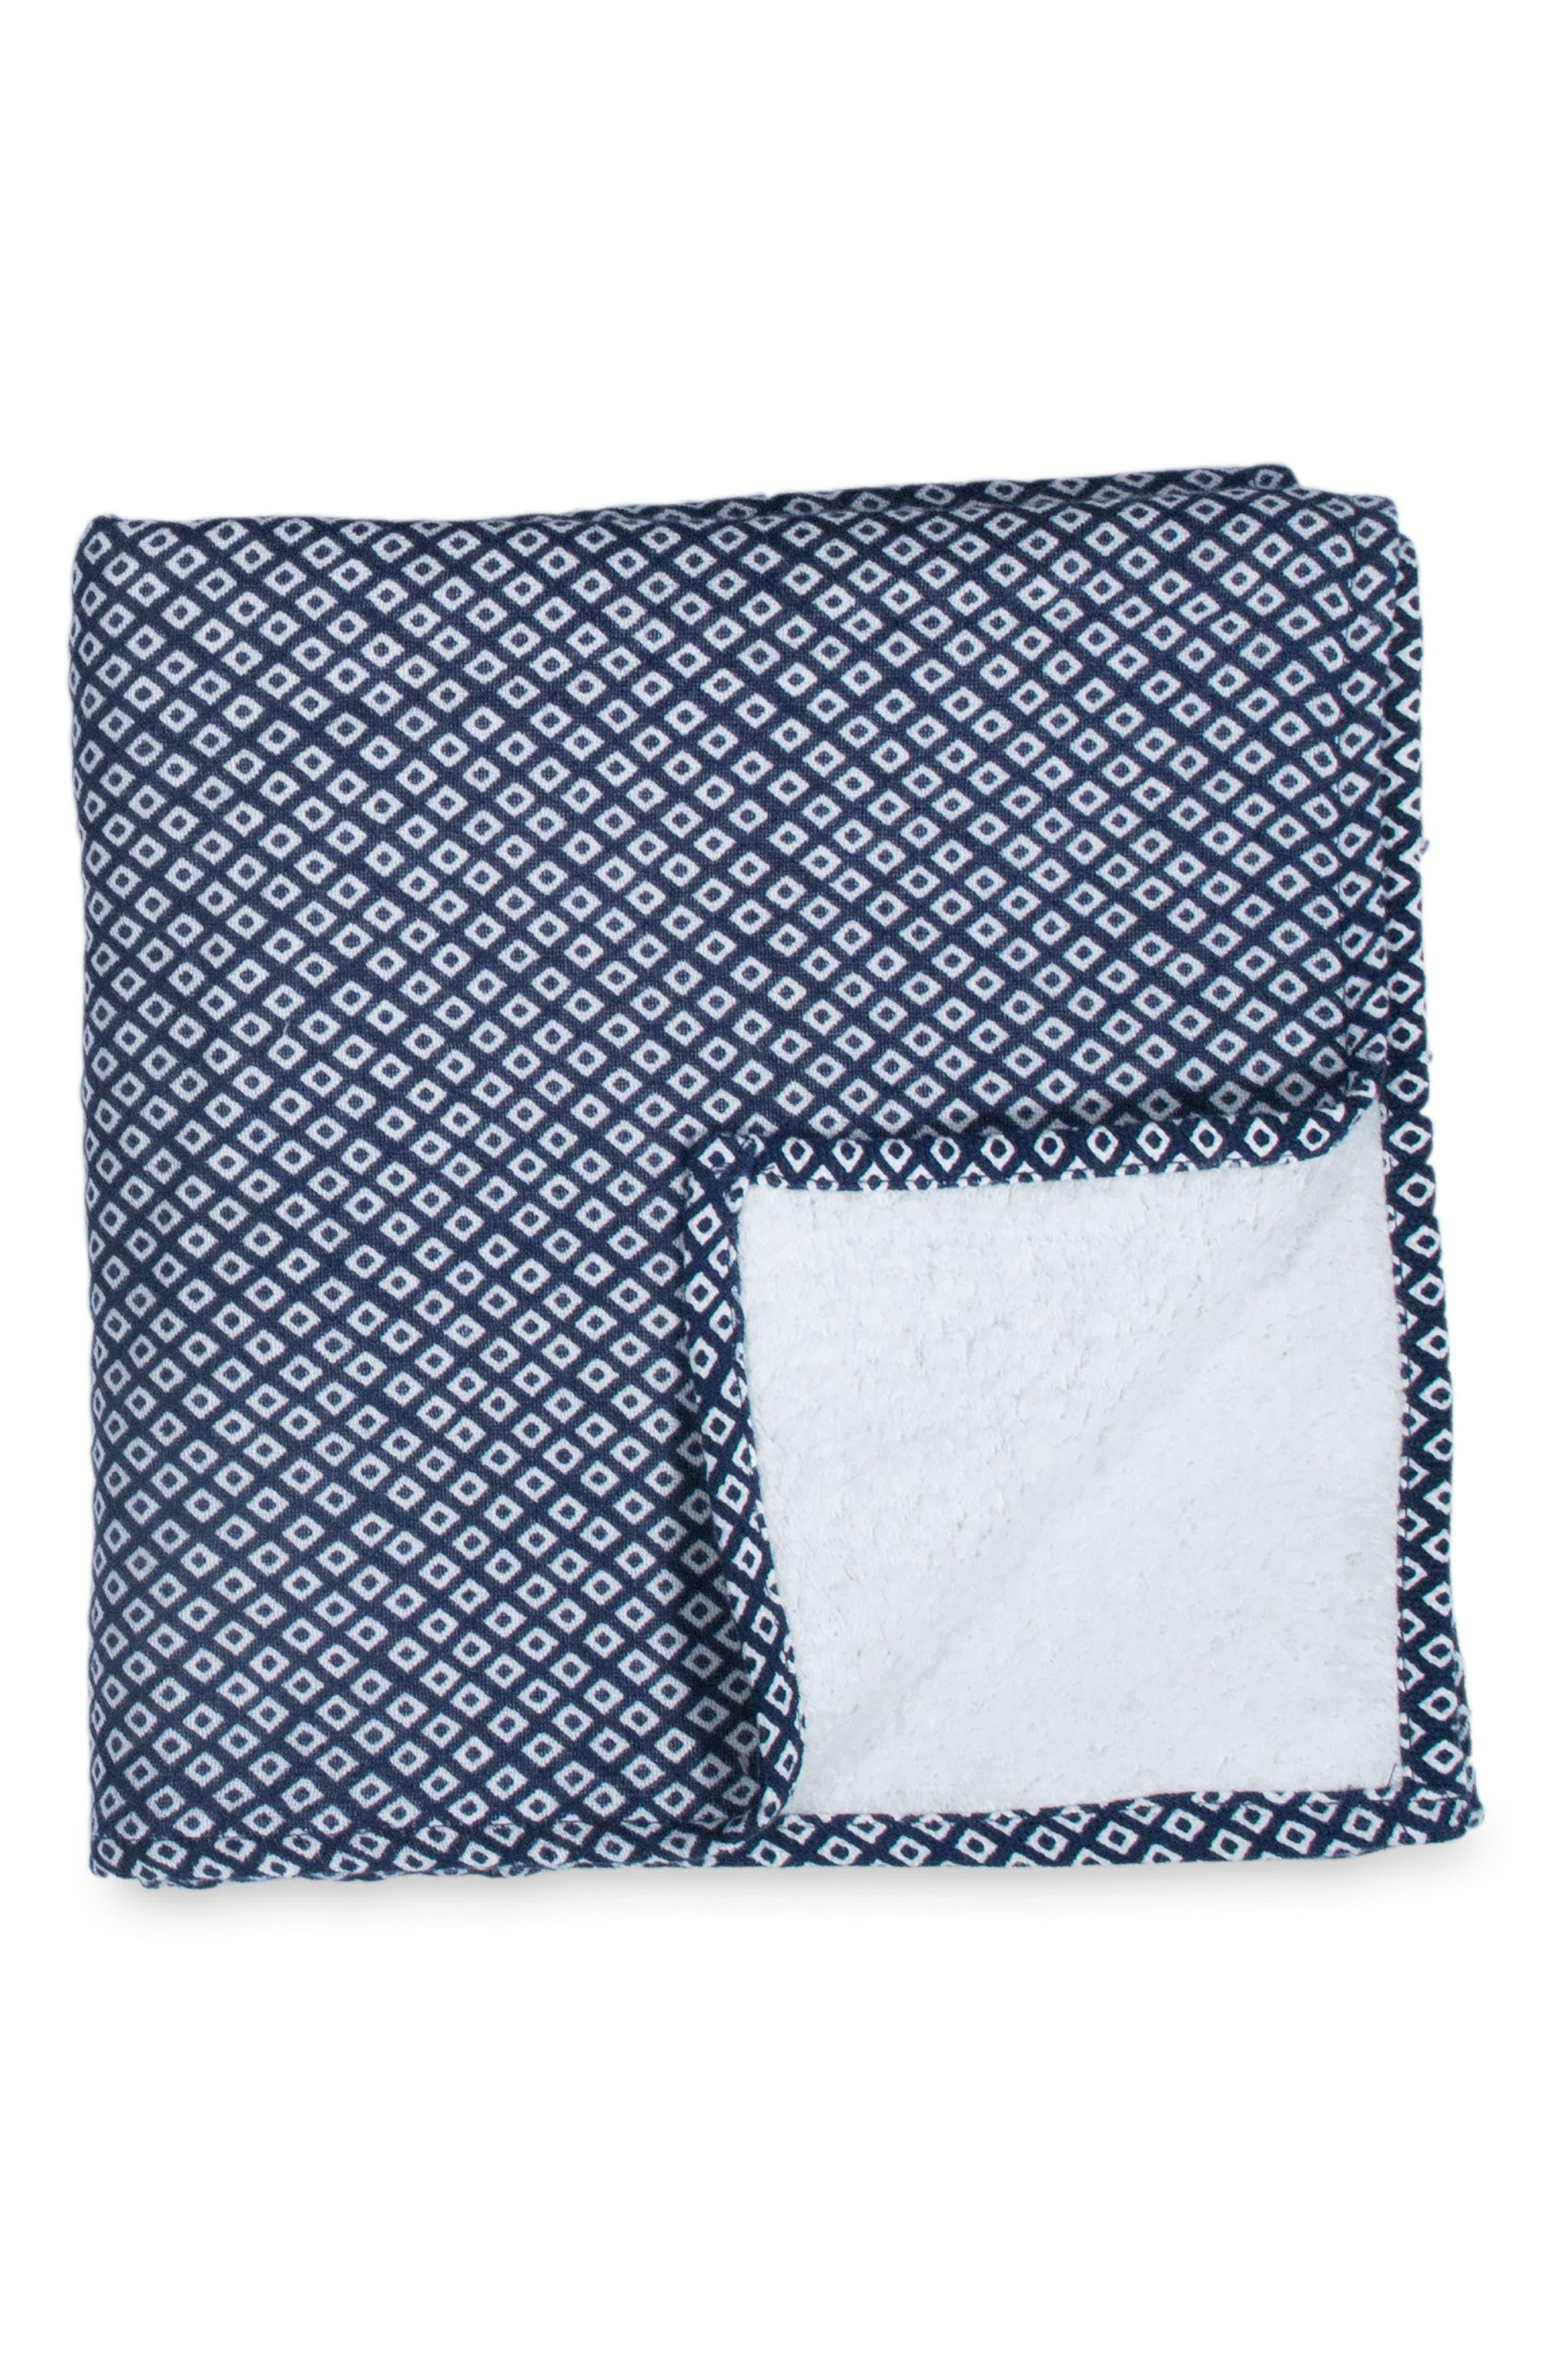 Main Image - Uchino Zero Twist Print Washcloth